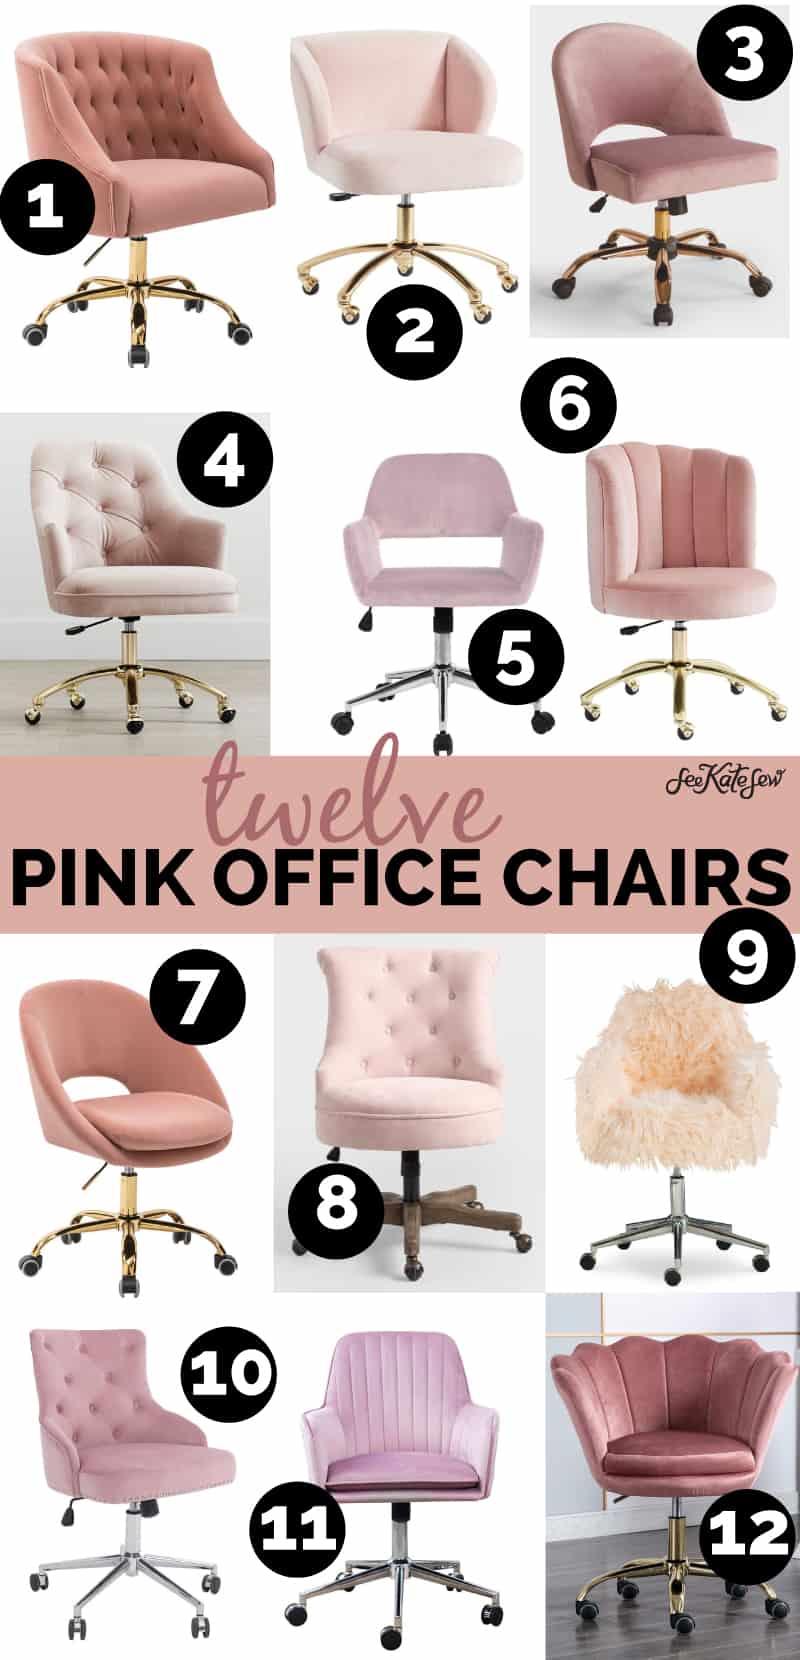 Venta Velvet Office Chair On Wheels, Home Goods Chairs On Wheels